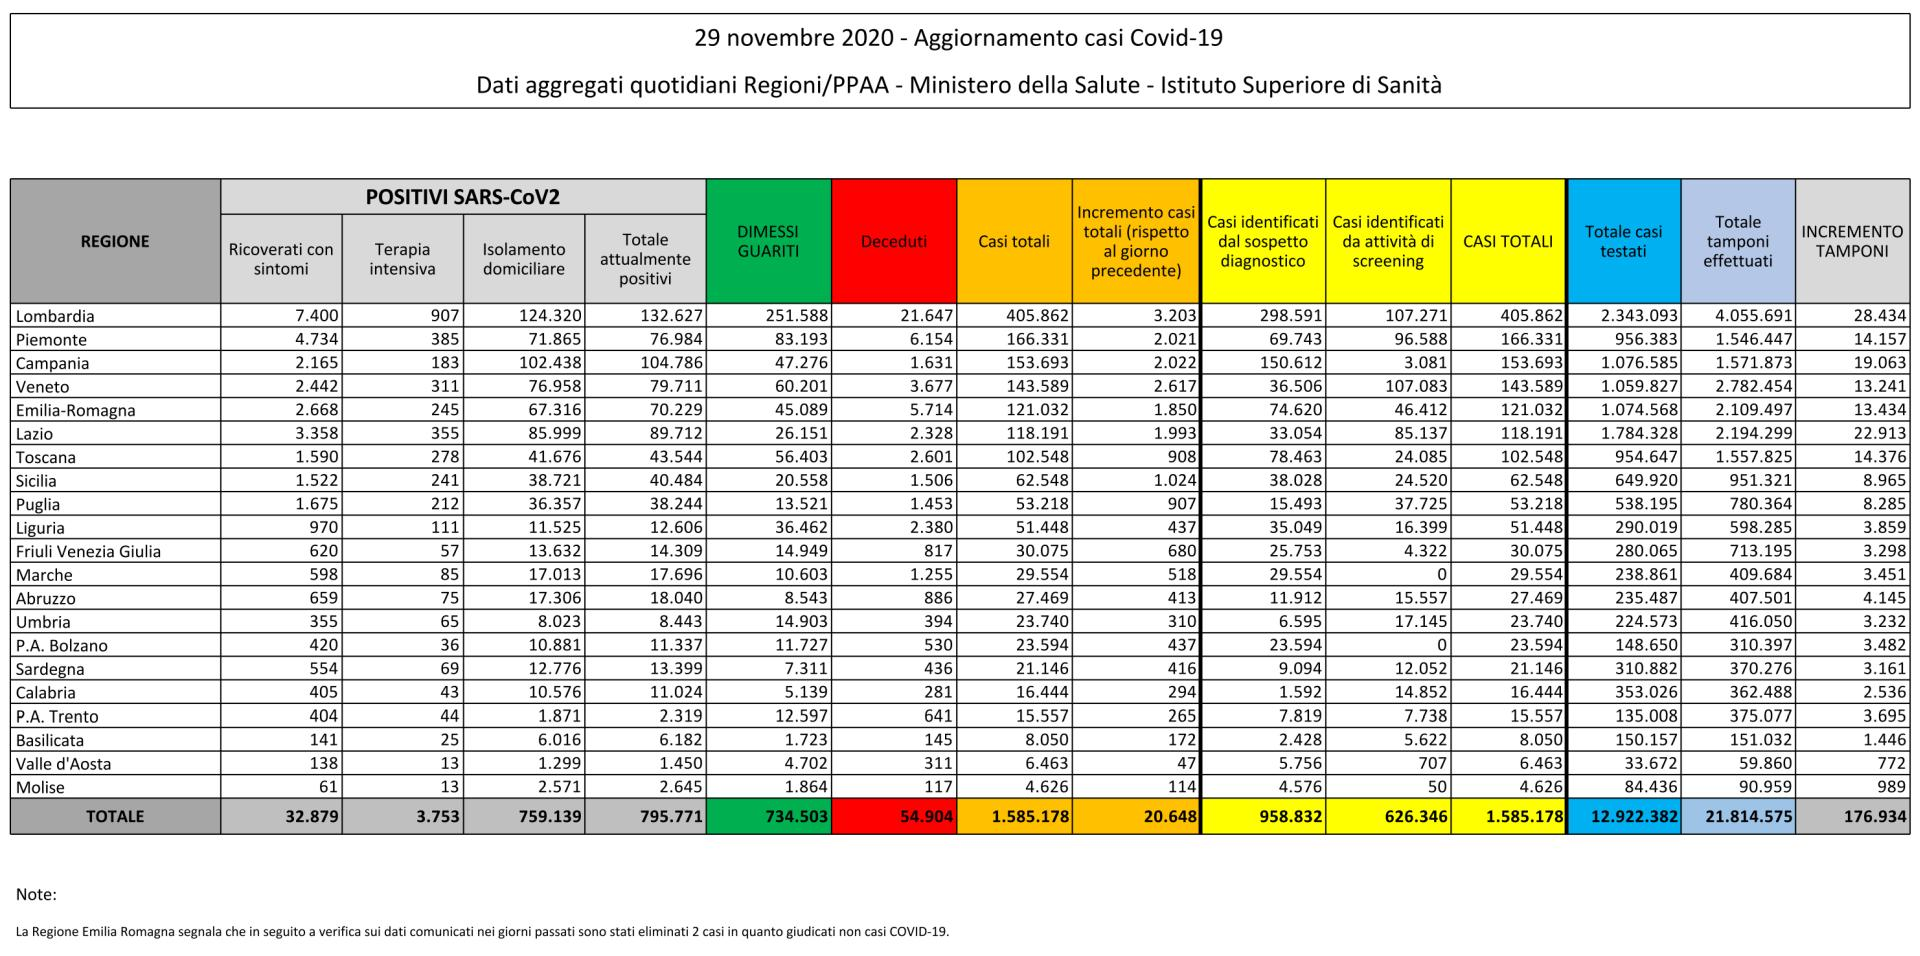 29 novembre 2020 - Aggiornamento casi Covid-19 Dati aggregati quotidiani Regioni/PPAA - Ministero della Salute - Istituto Superiore di Sanità